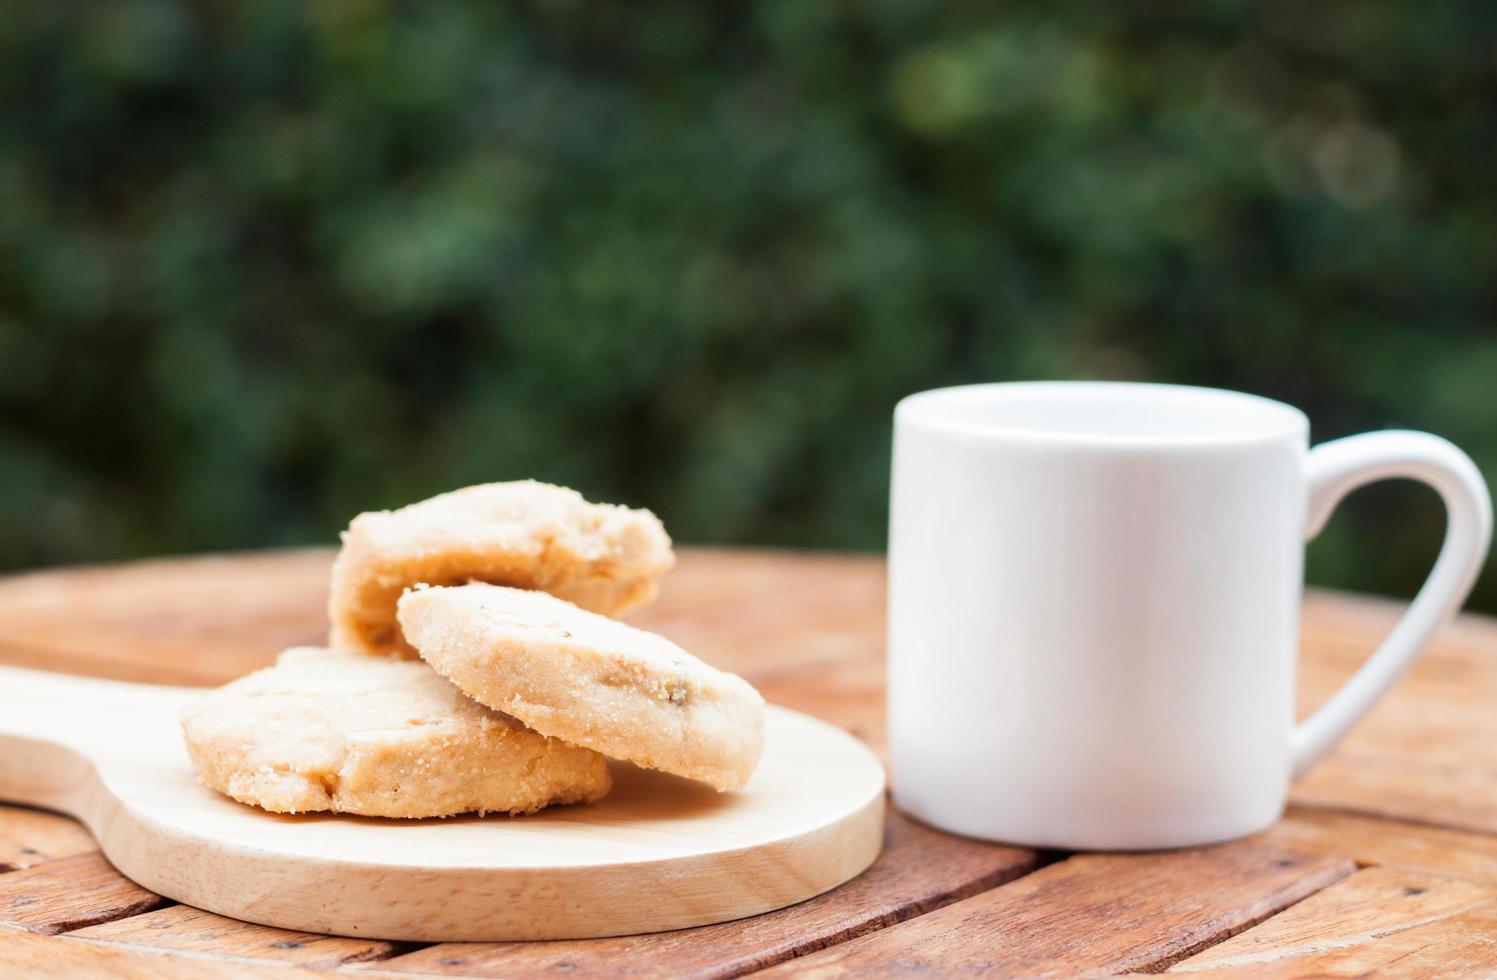 Cashewkekse mit einer Kaffeetasse foto